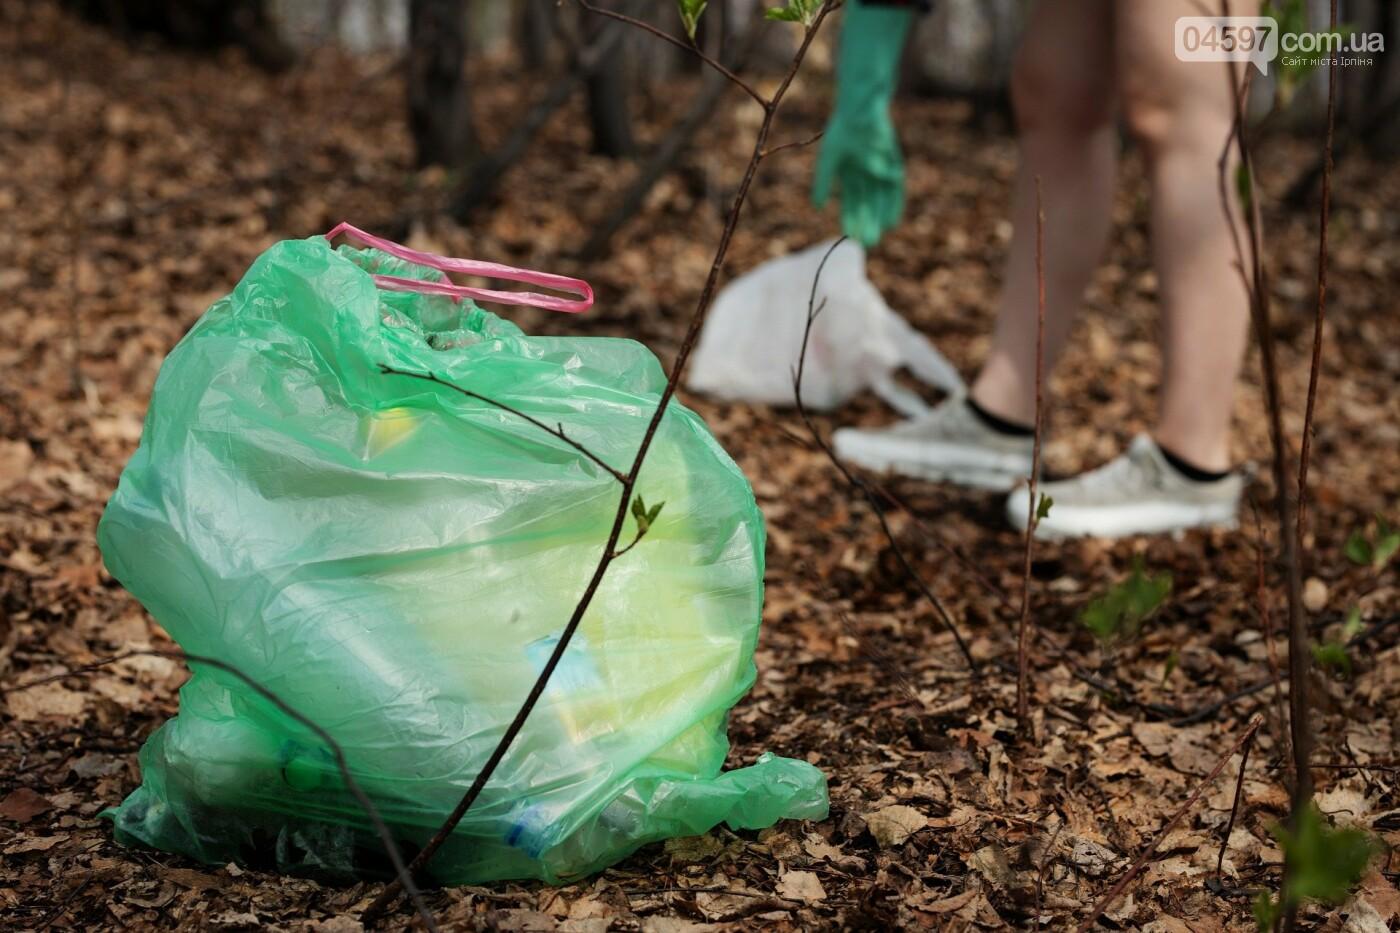 Жизнь через призму полиэтилена и пластика…, фото-1